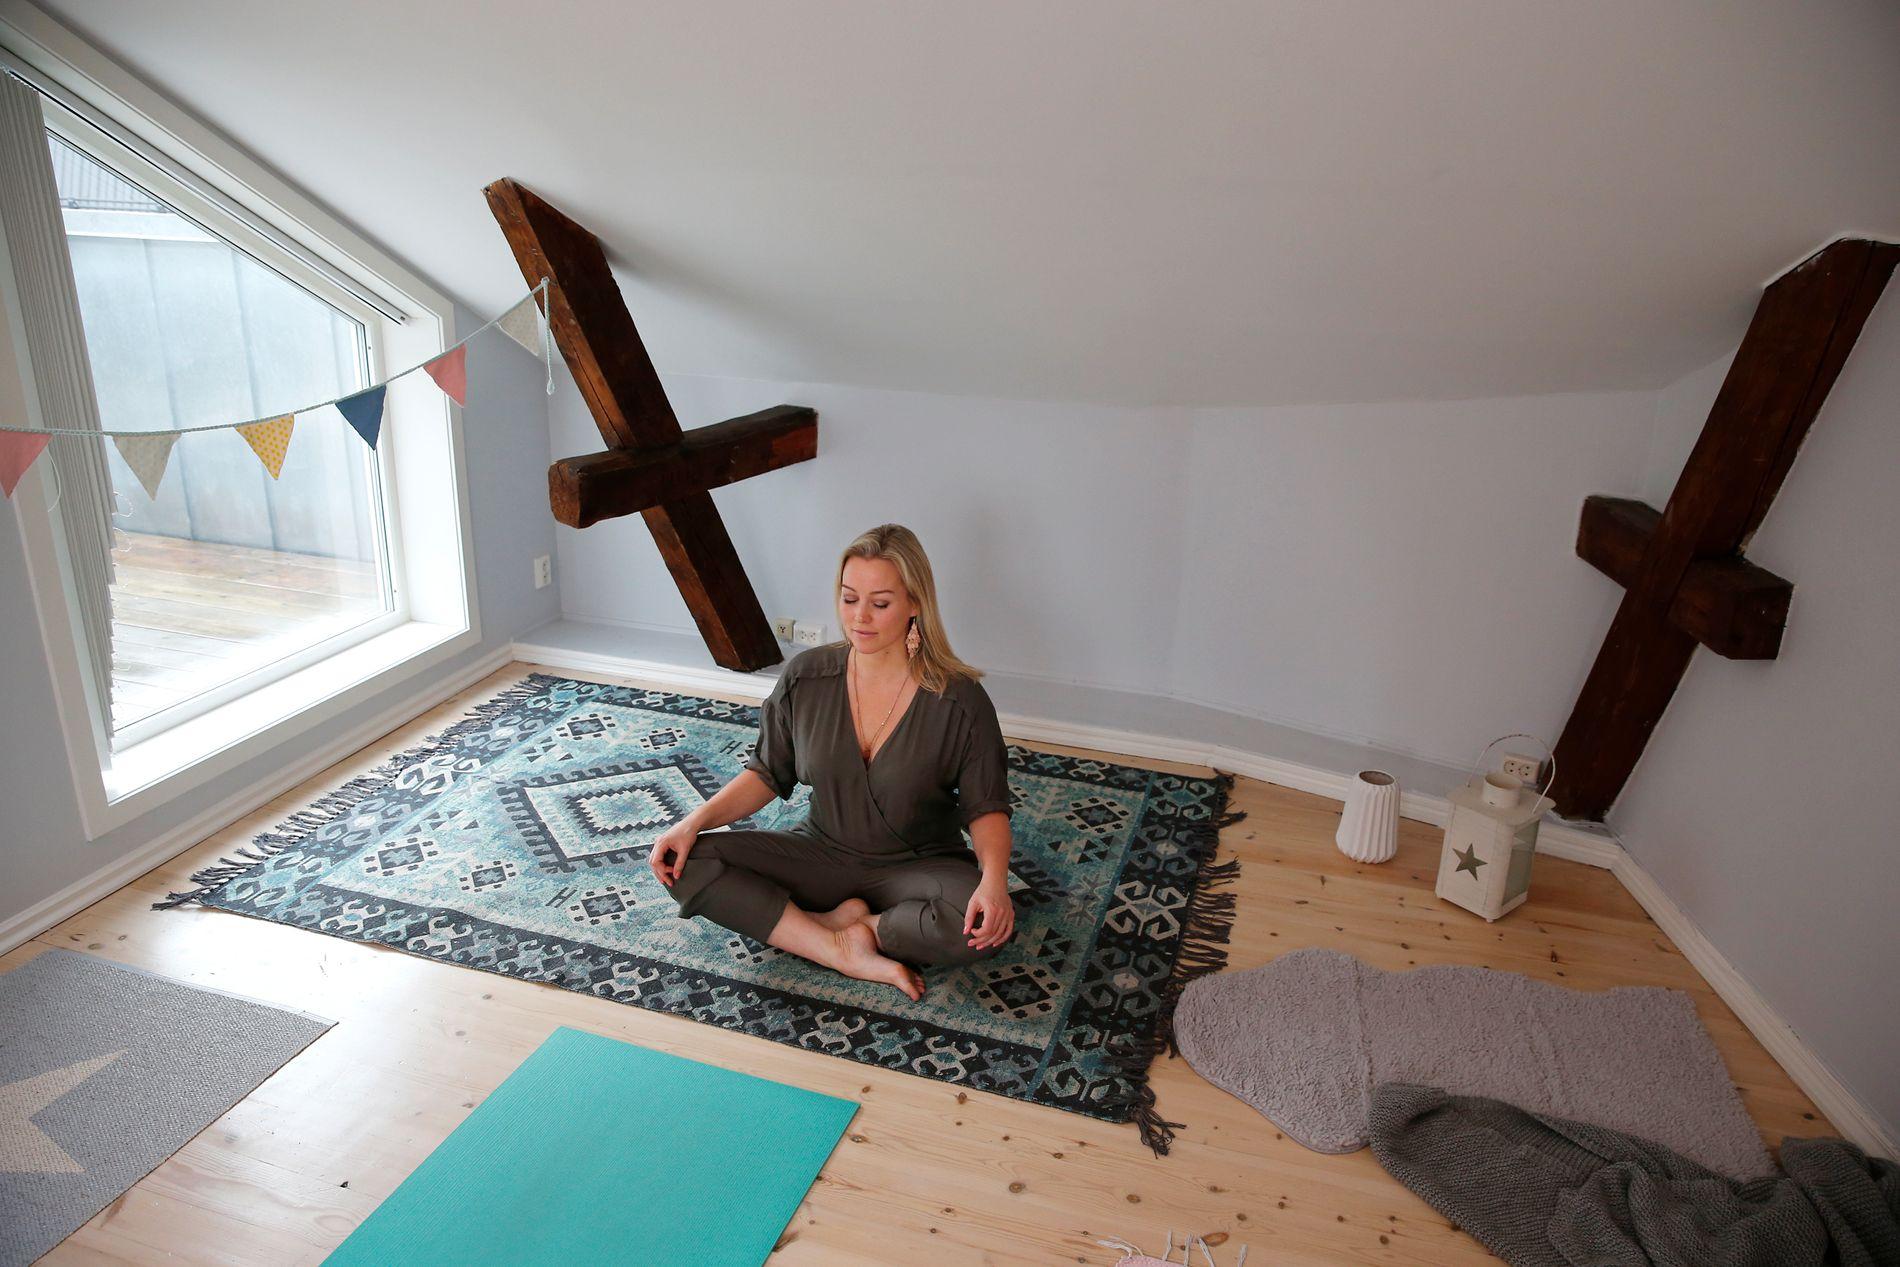 AVSLAPNING: Hanne har innredet et eget rom i leiligheten som hun bruker til yoga.